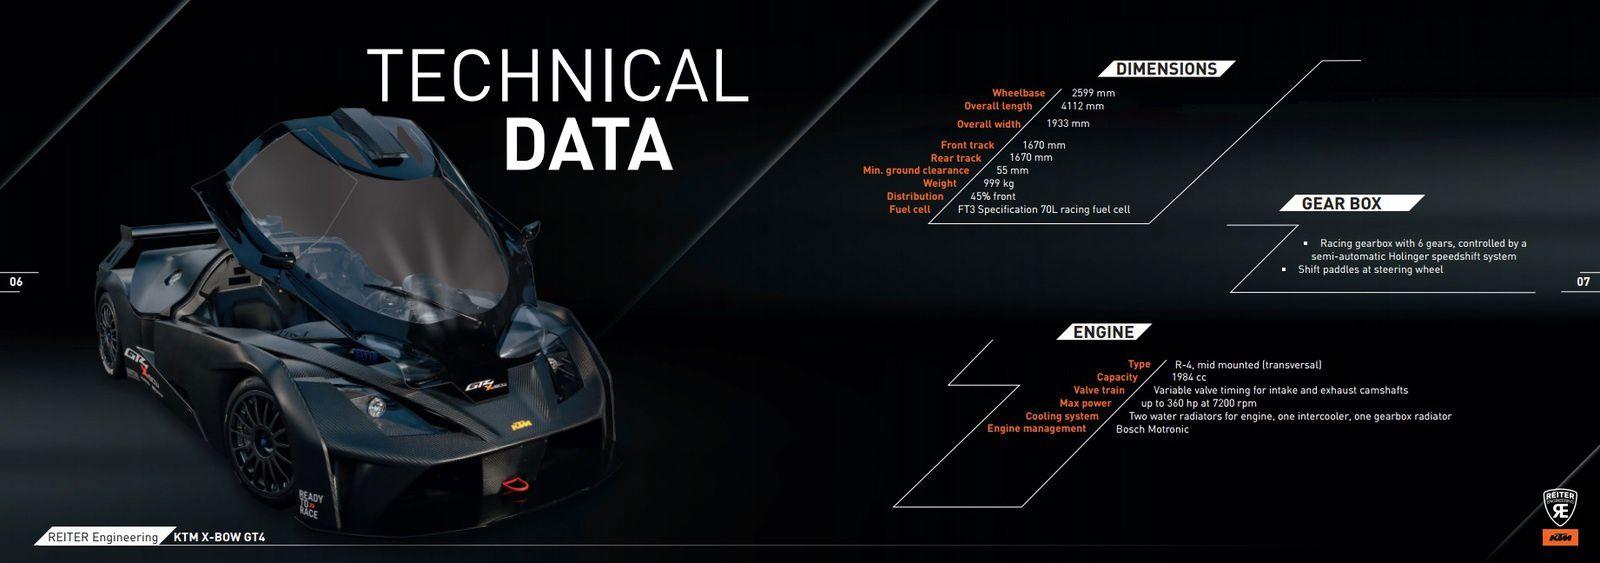 Raceroom - Couvrez ce cockpit que je ne saurais voir... KTM X-BOW GT4.